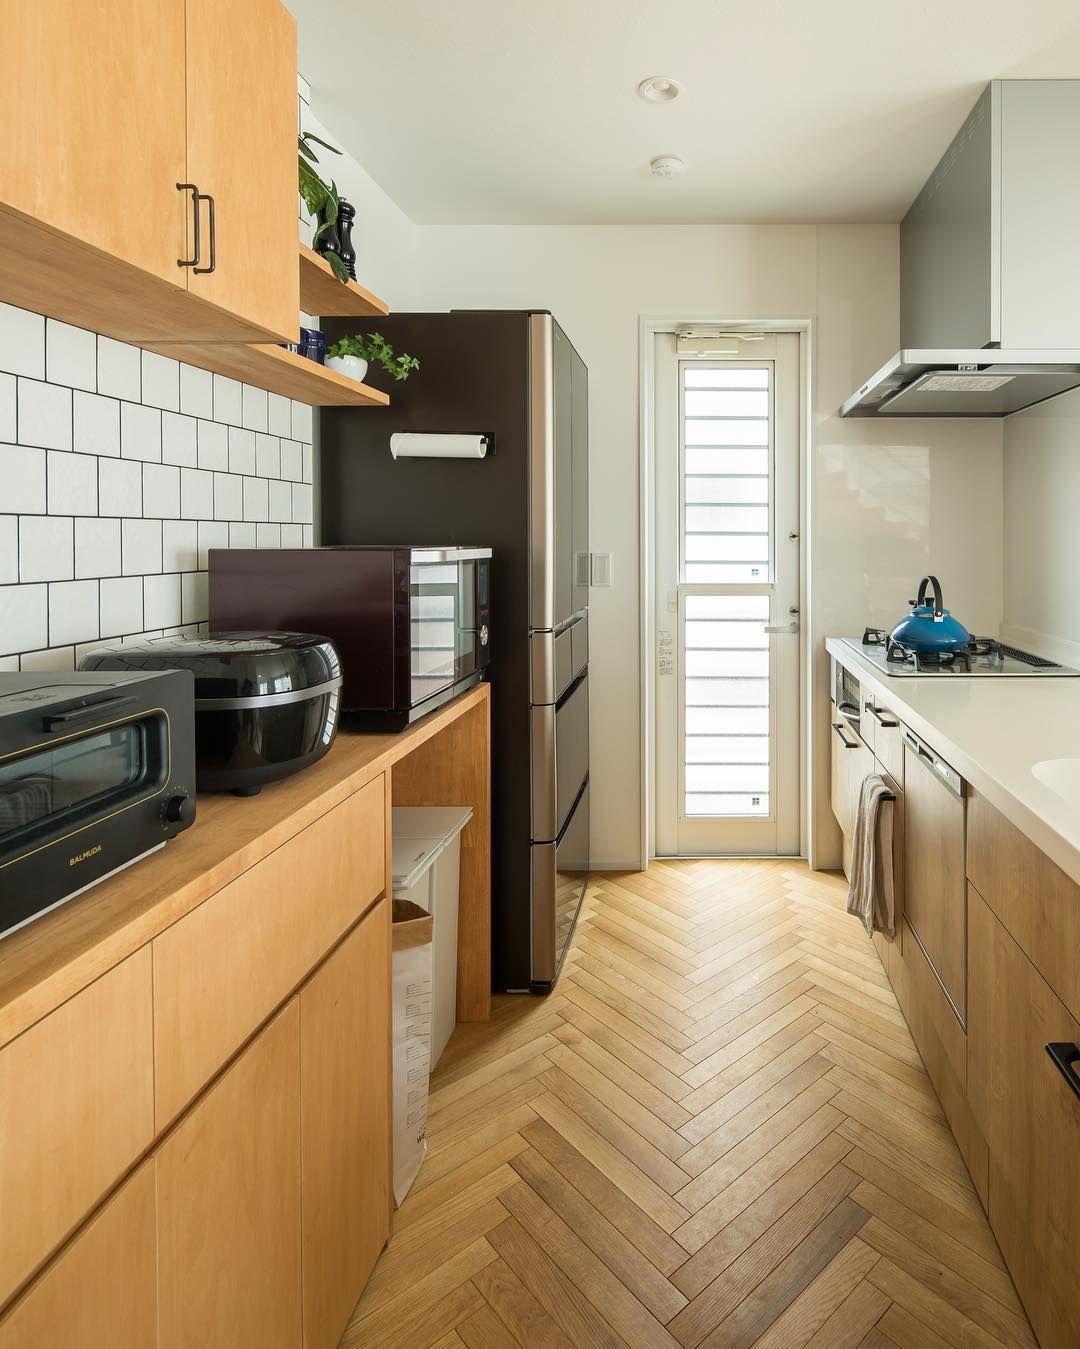 ルポハウス一級建築士事務所さんはinstagramを利用しています ヘリンボーンの床と白タイルの組み合わせがお洒落なキッチン 光があたるとナチュラルにきらめくタイルは キッチンをより明るく魅せてくれます ルポハウスの施工事例をもっと見て